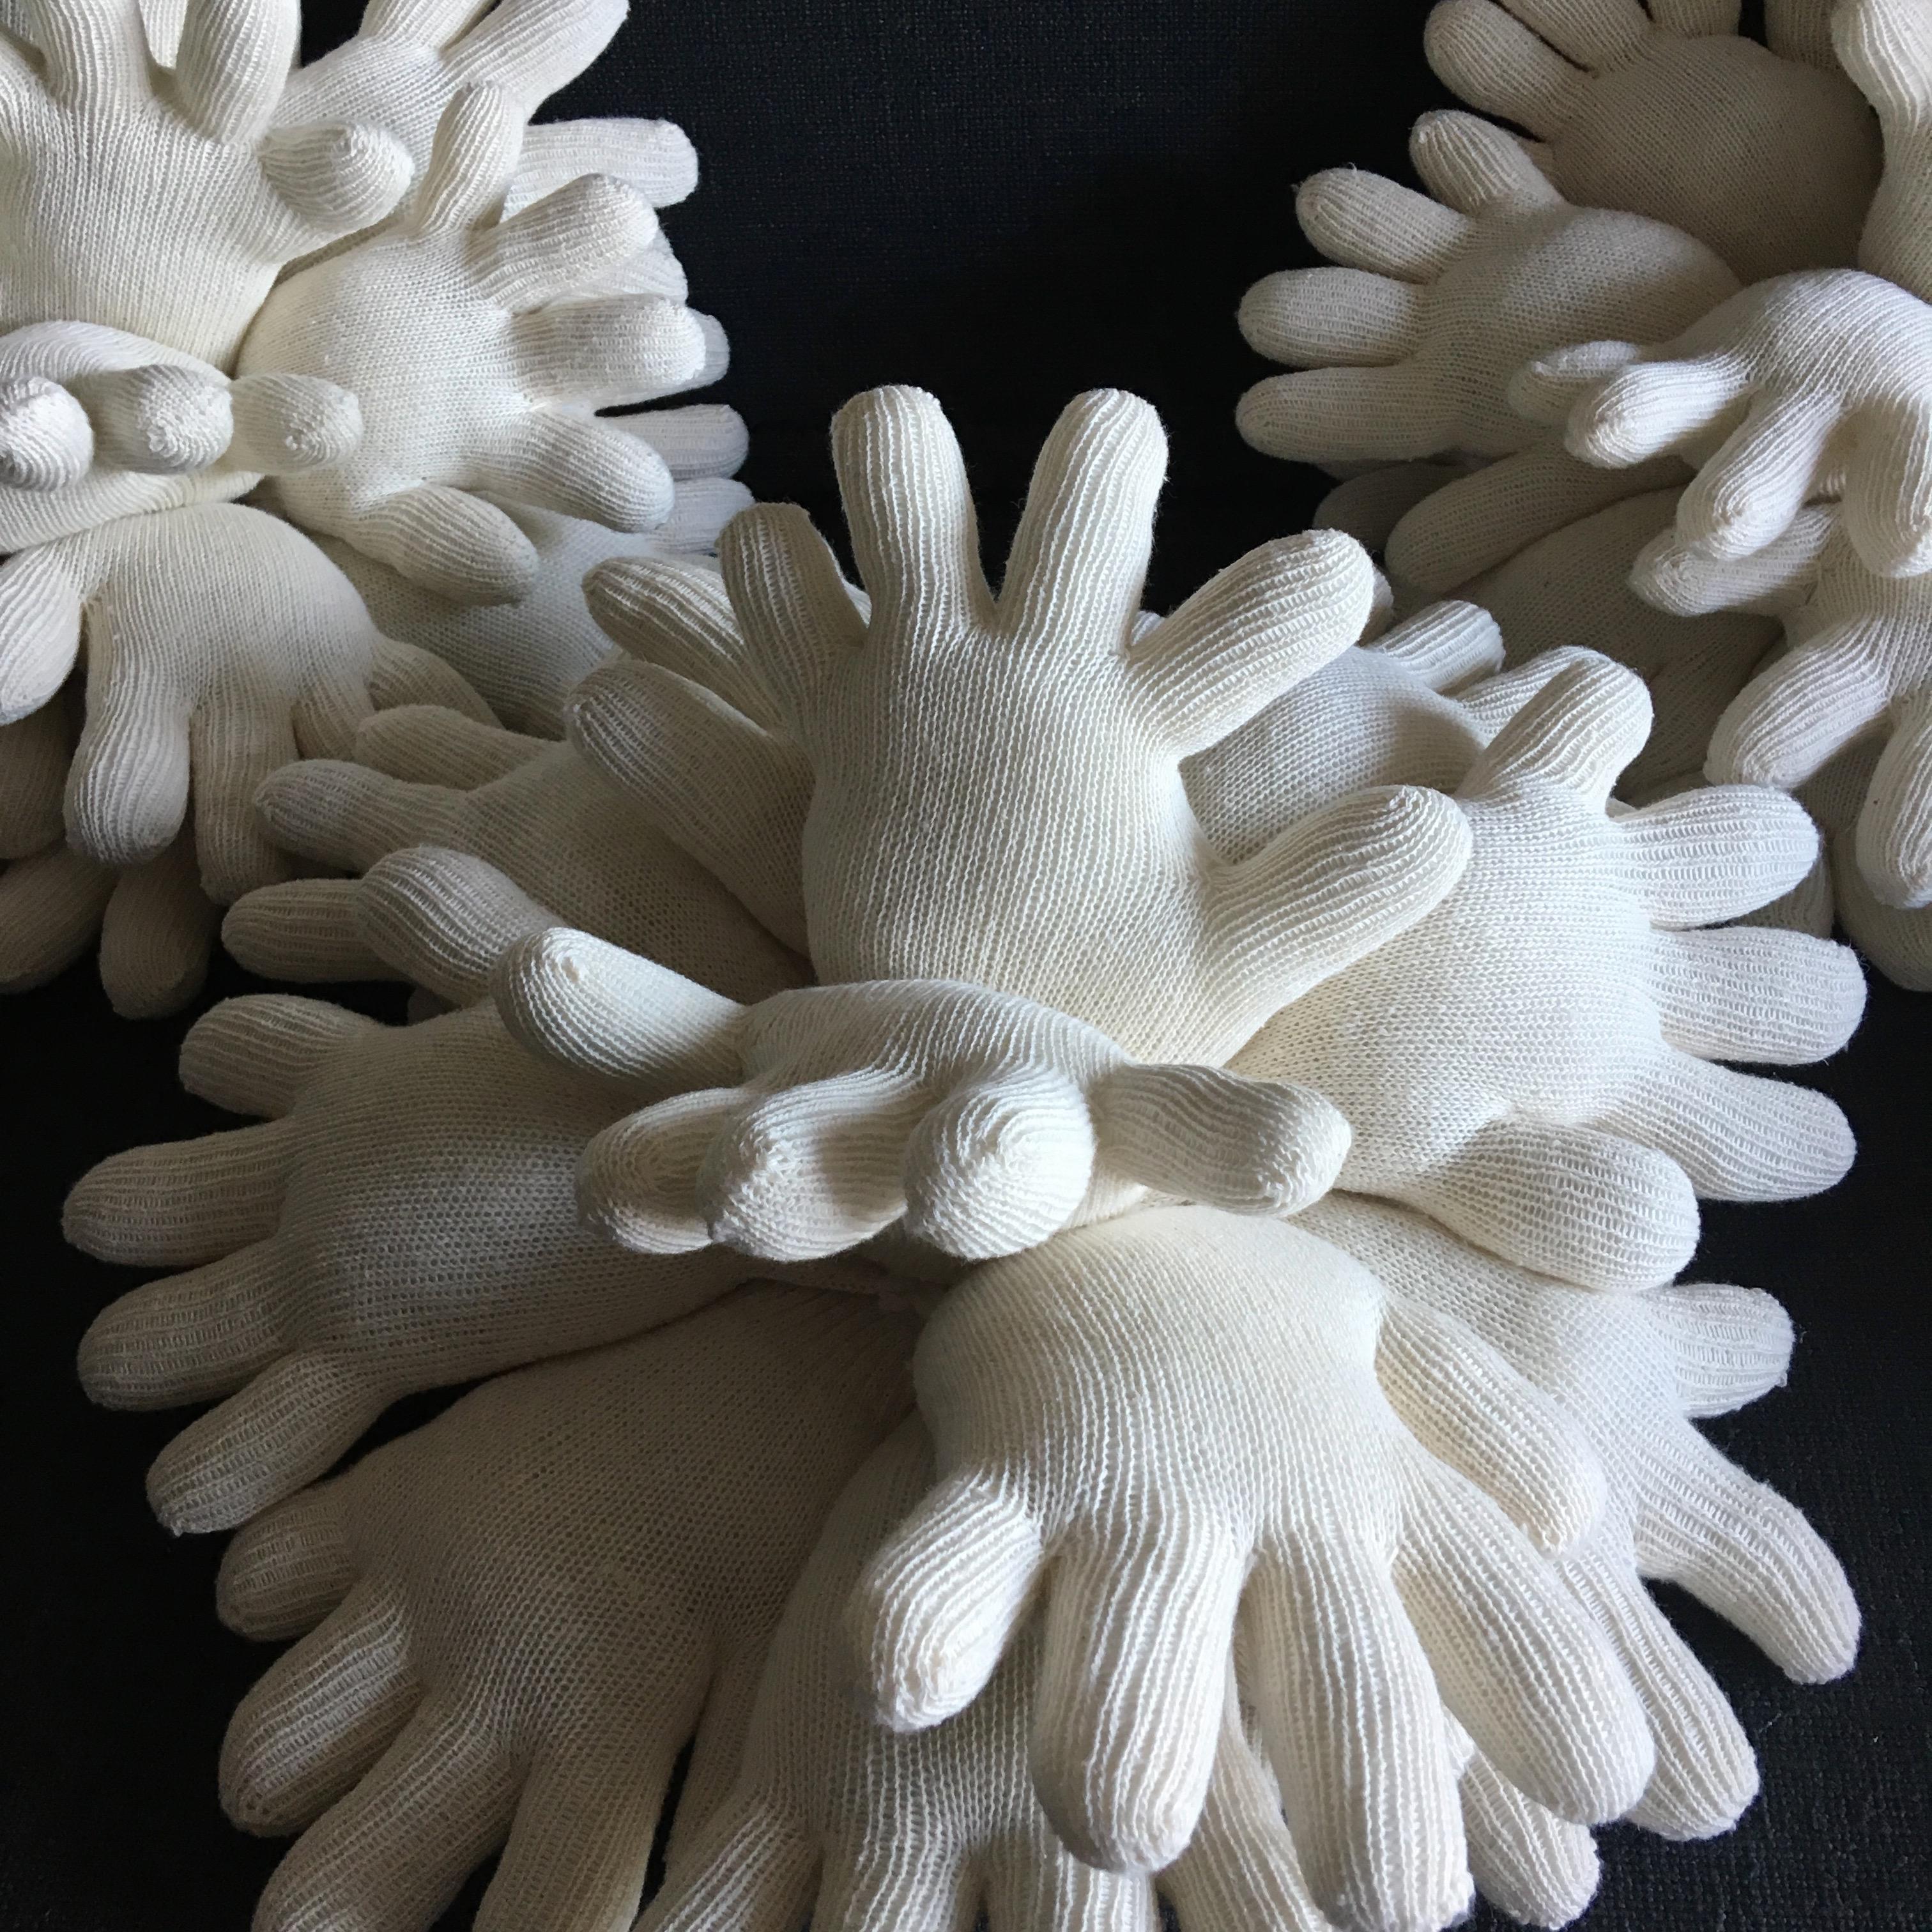 Glove Pillows